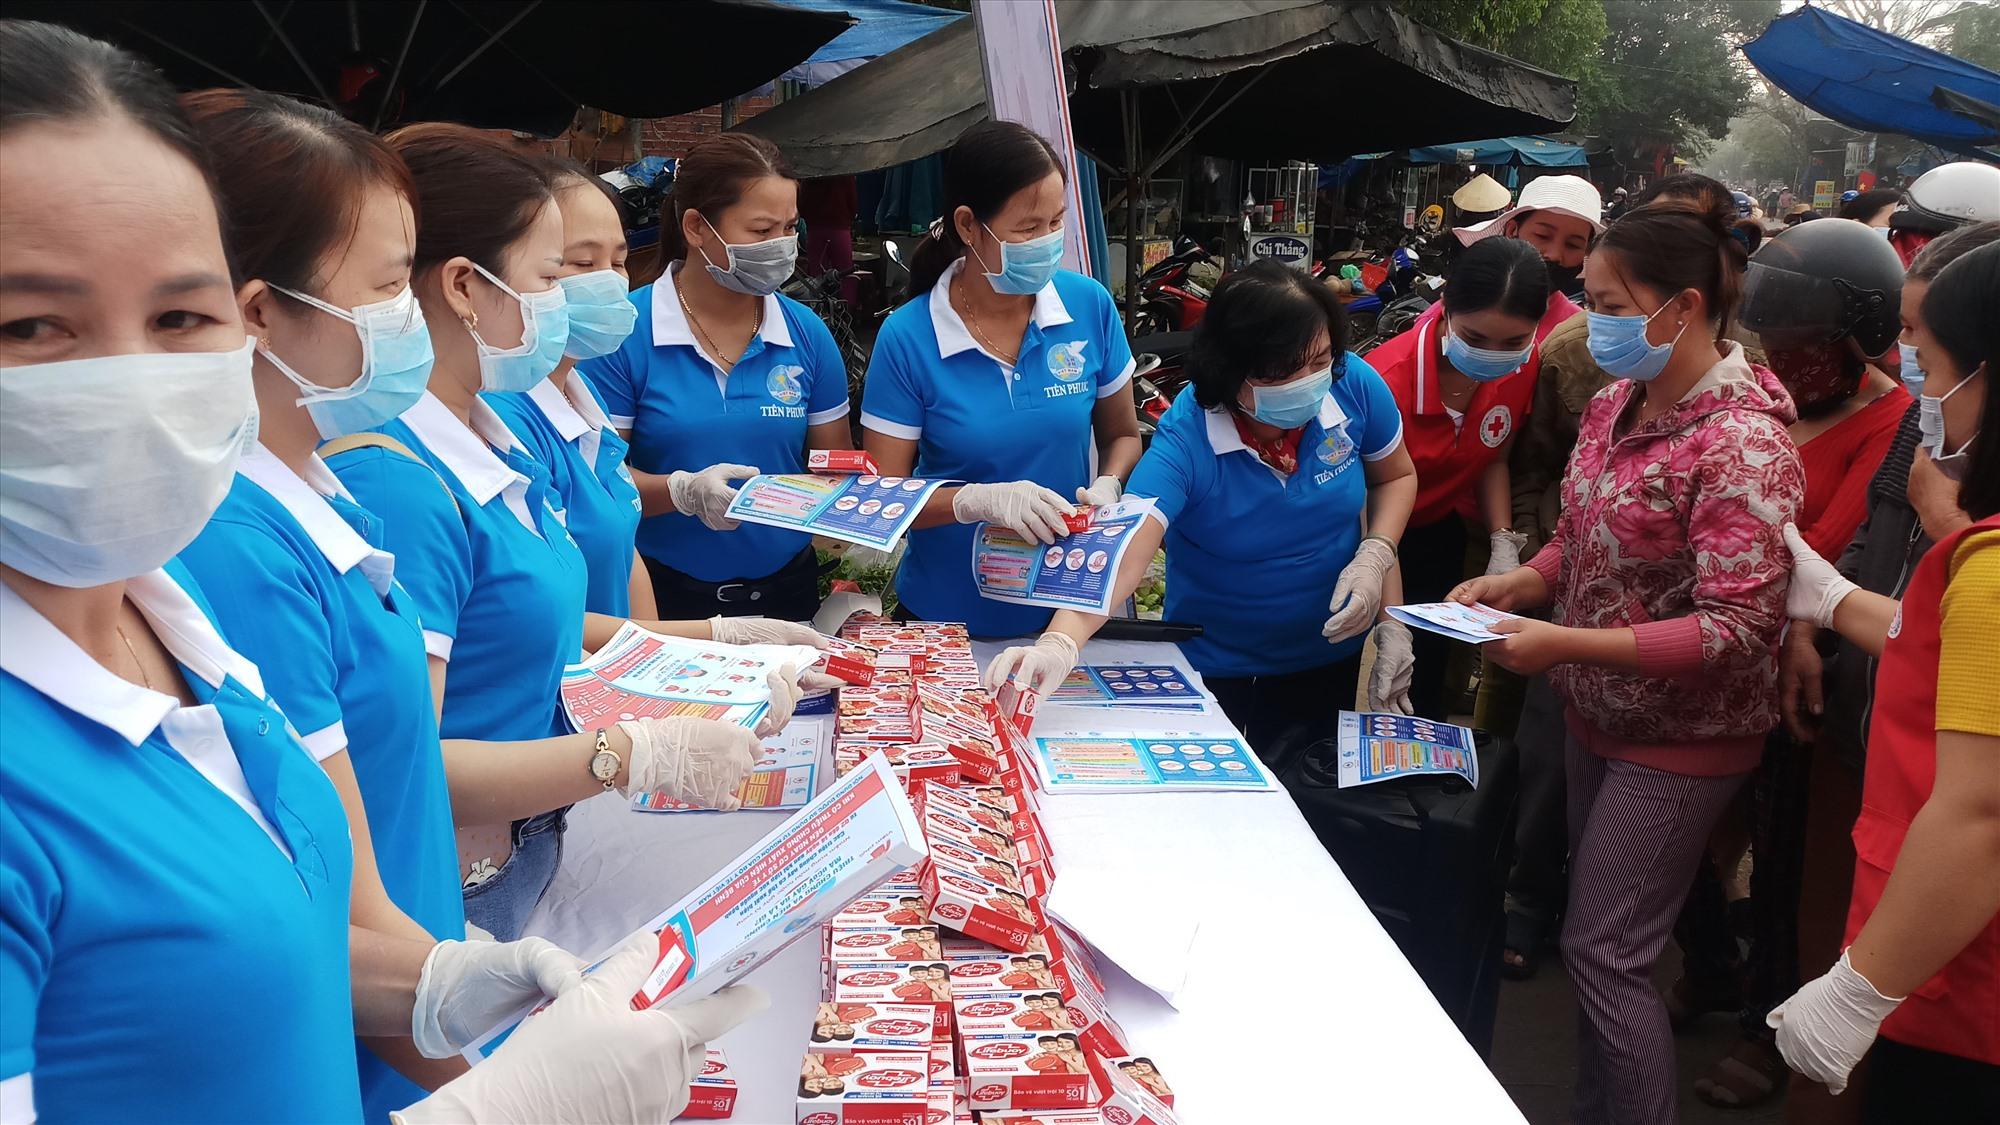 Hoạt động tuyên truyền lưu động, phát tờ rơi và tặng xà phòng diệt khuẩn của Hội Chữ thập đỏ và Hội LHPN huyện Tiên Phước thu hút đông đảo người dân tham gia. Ảnh: H.H